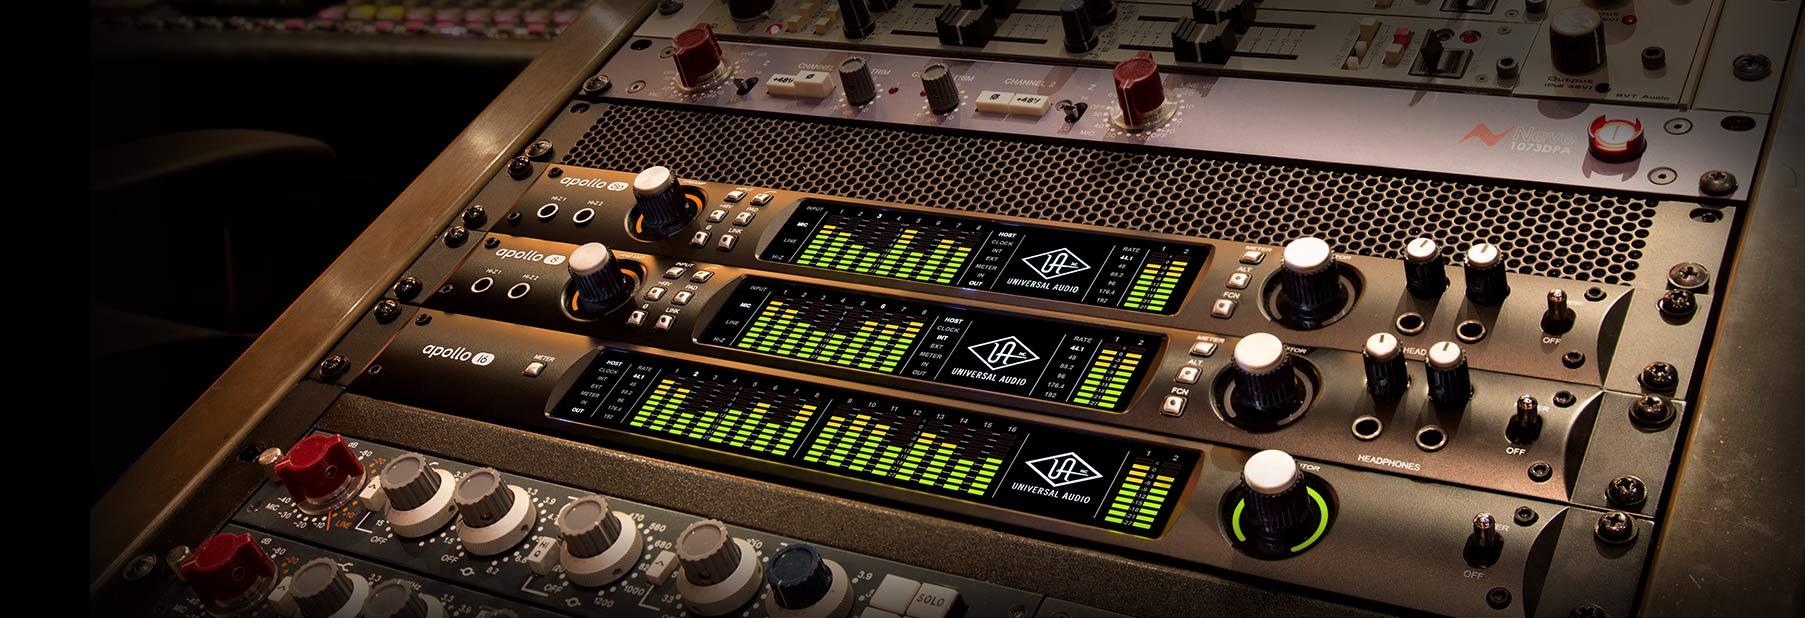 Apollo 16 | Thunderbolt Audio Interface | Universal Audio